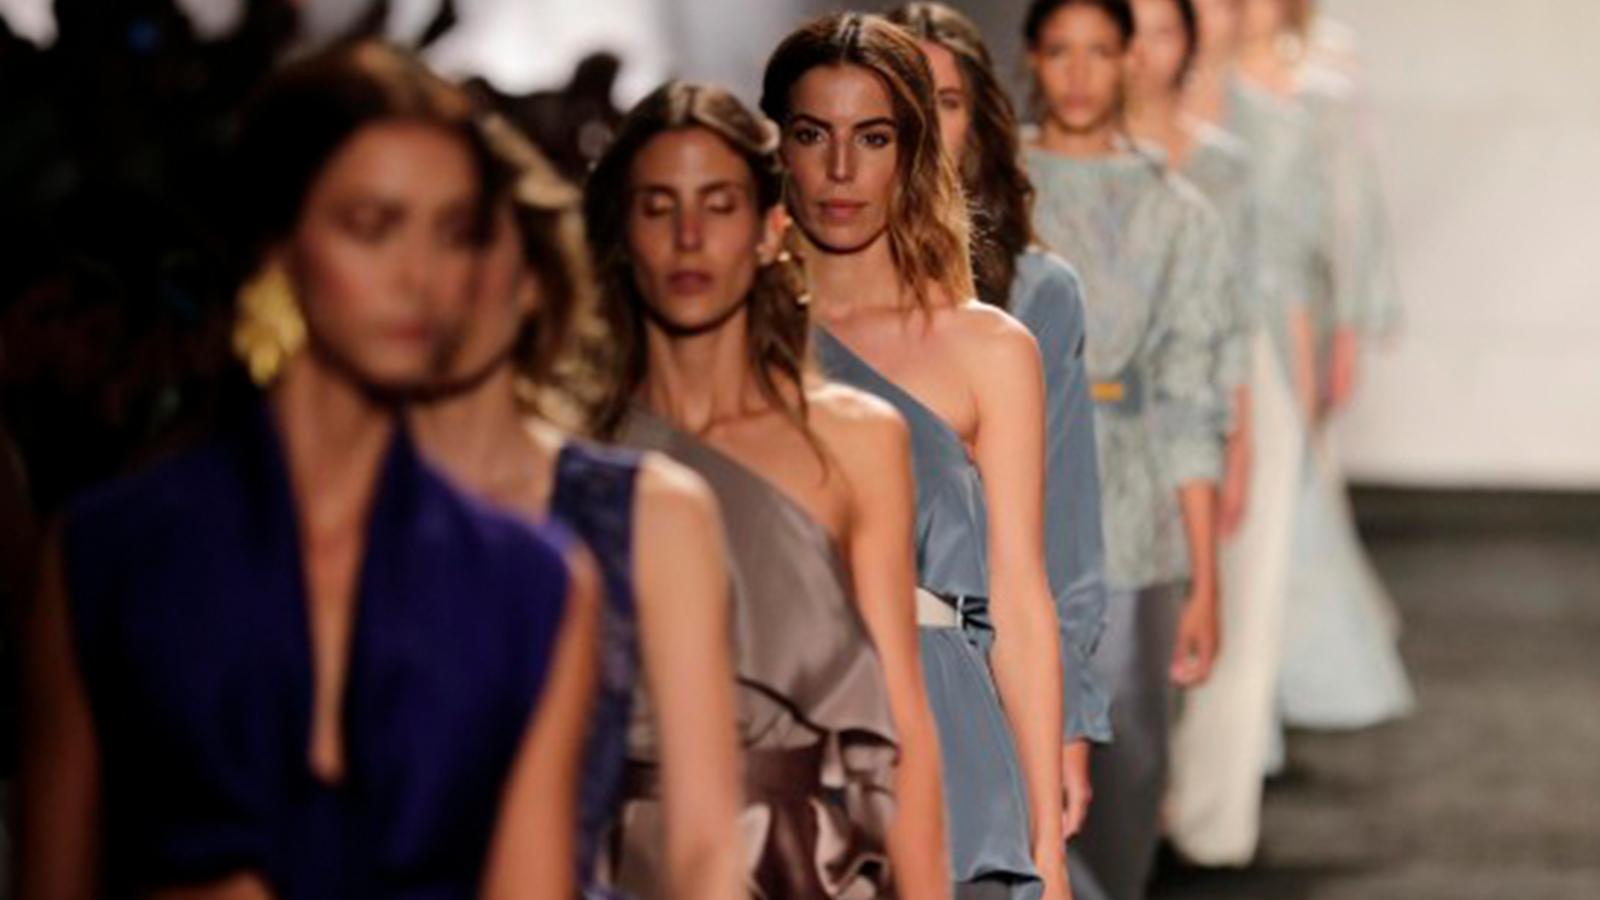 Colombiamoda 2019, una ventana al lenguaje del buen vestir